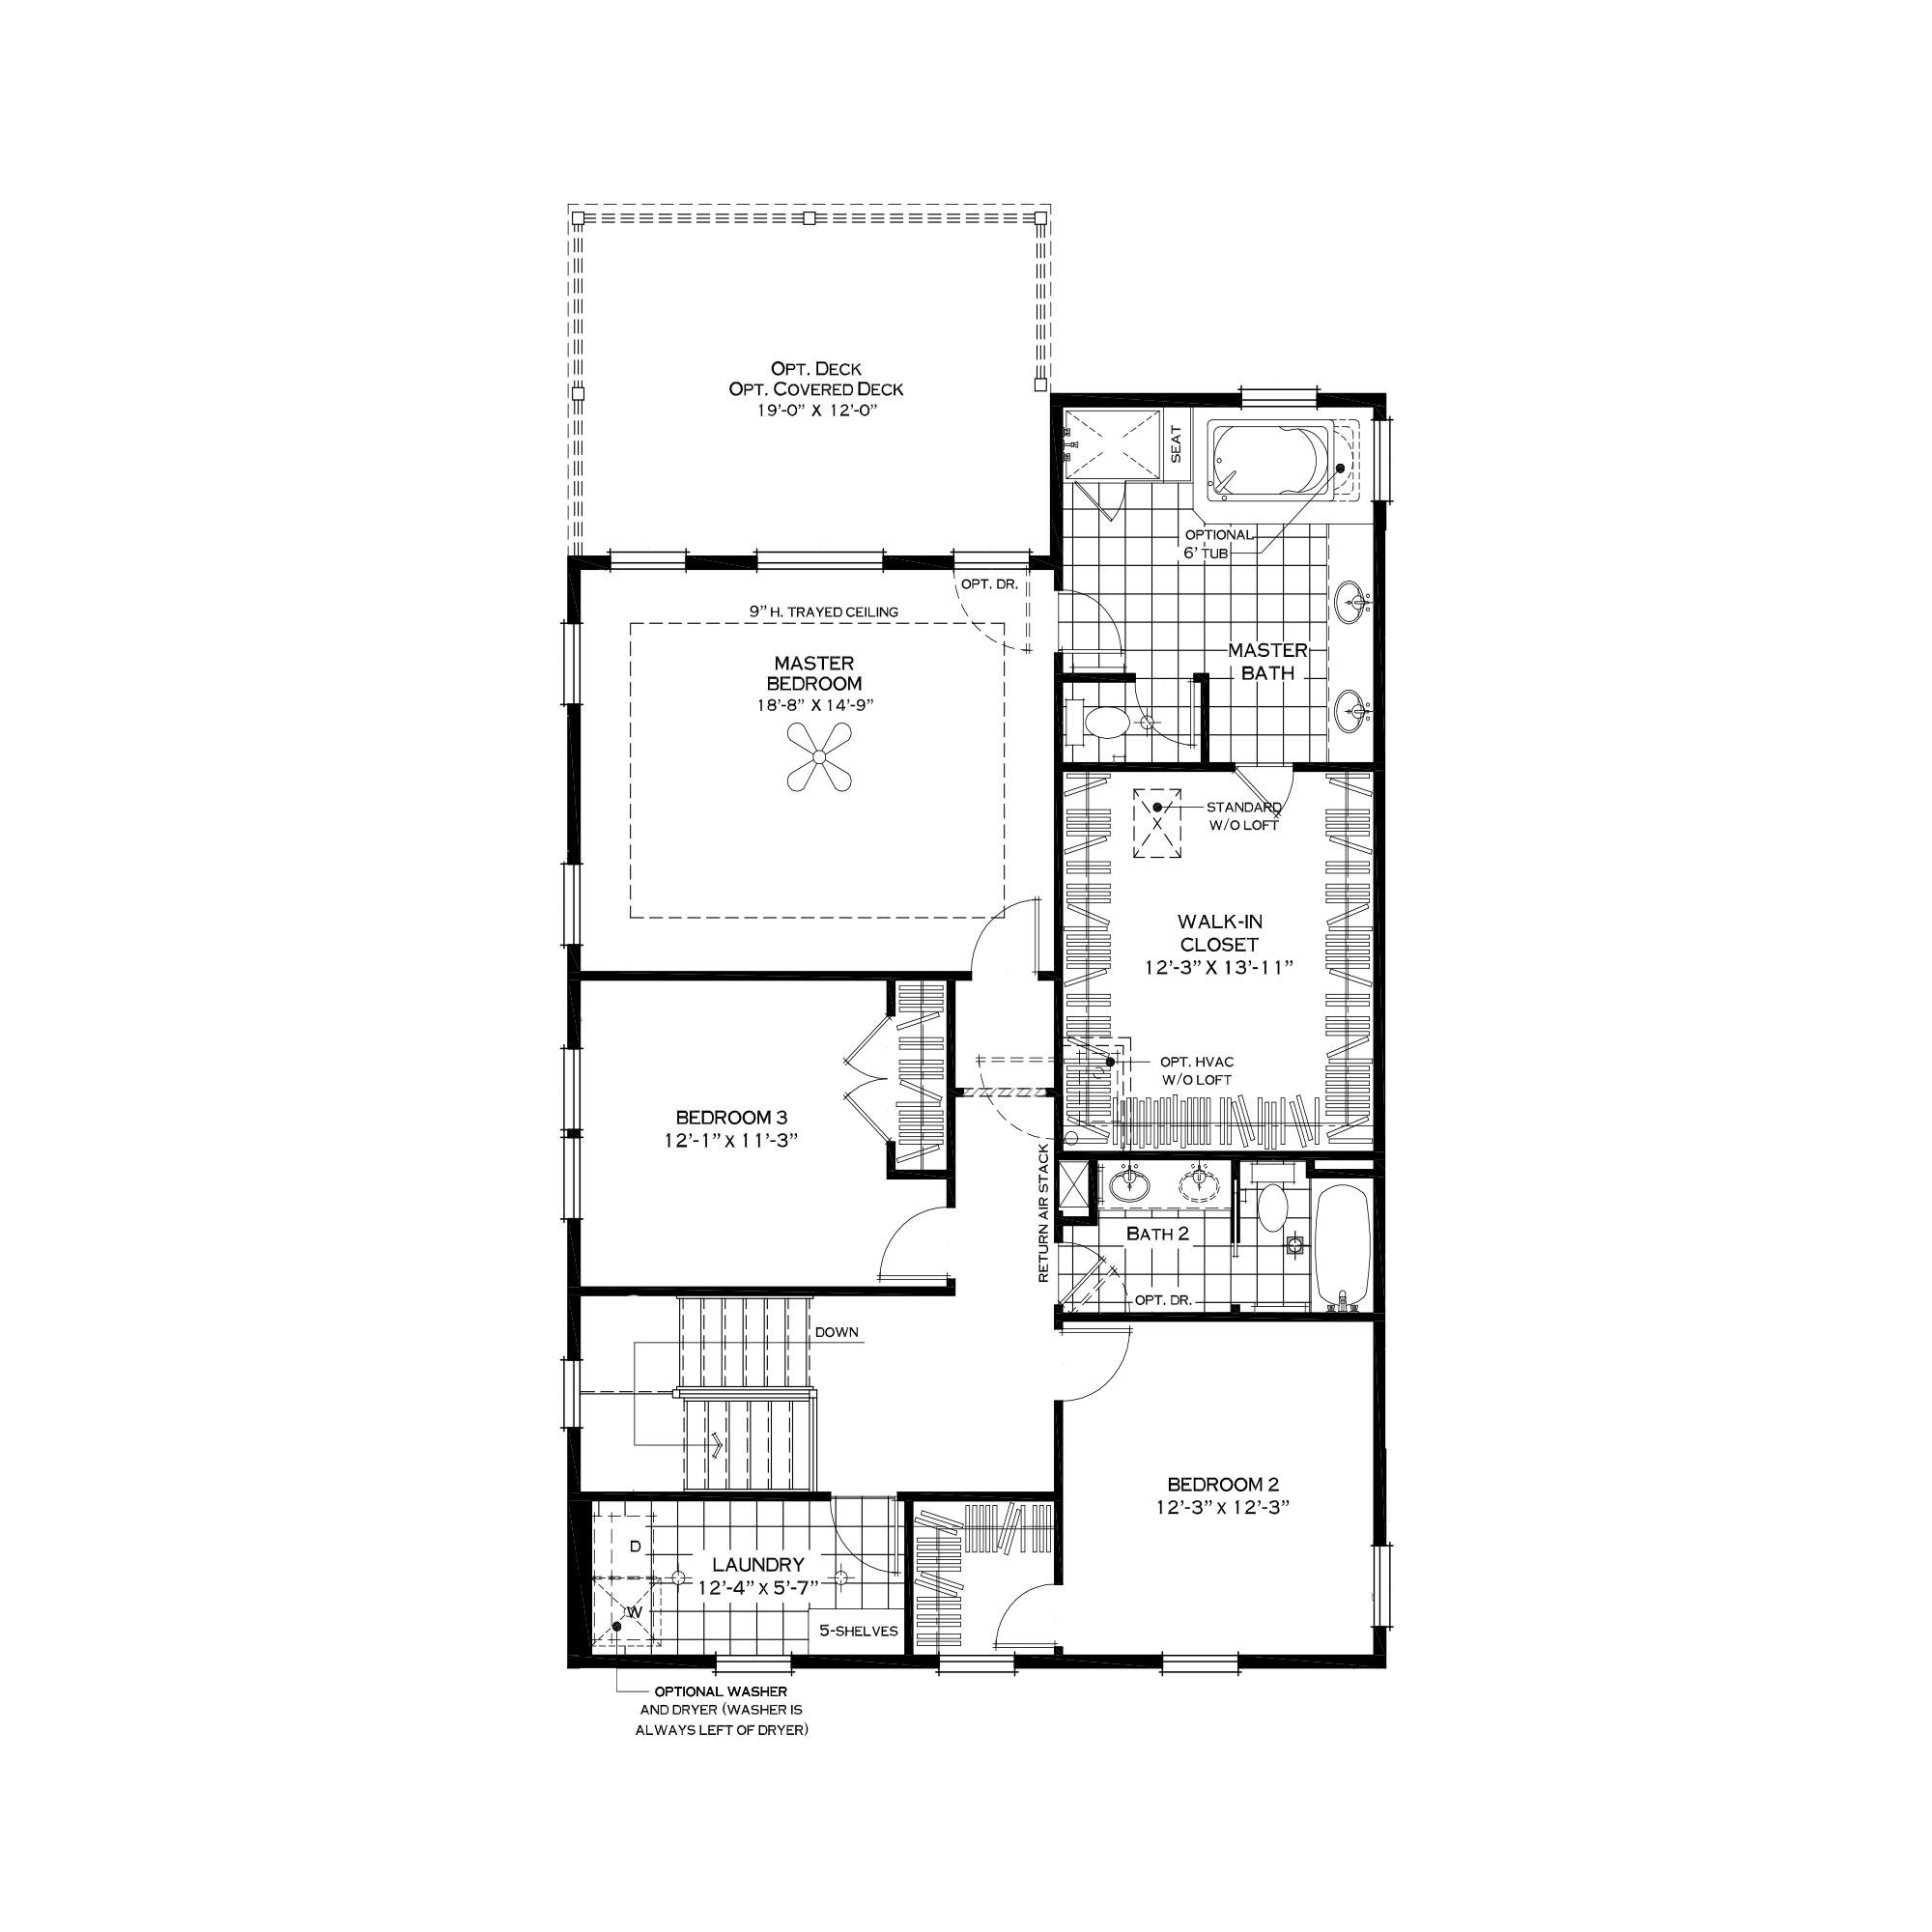 Standard Second Floor